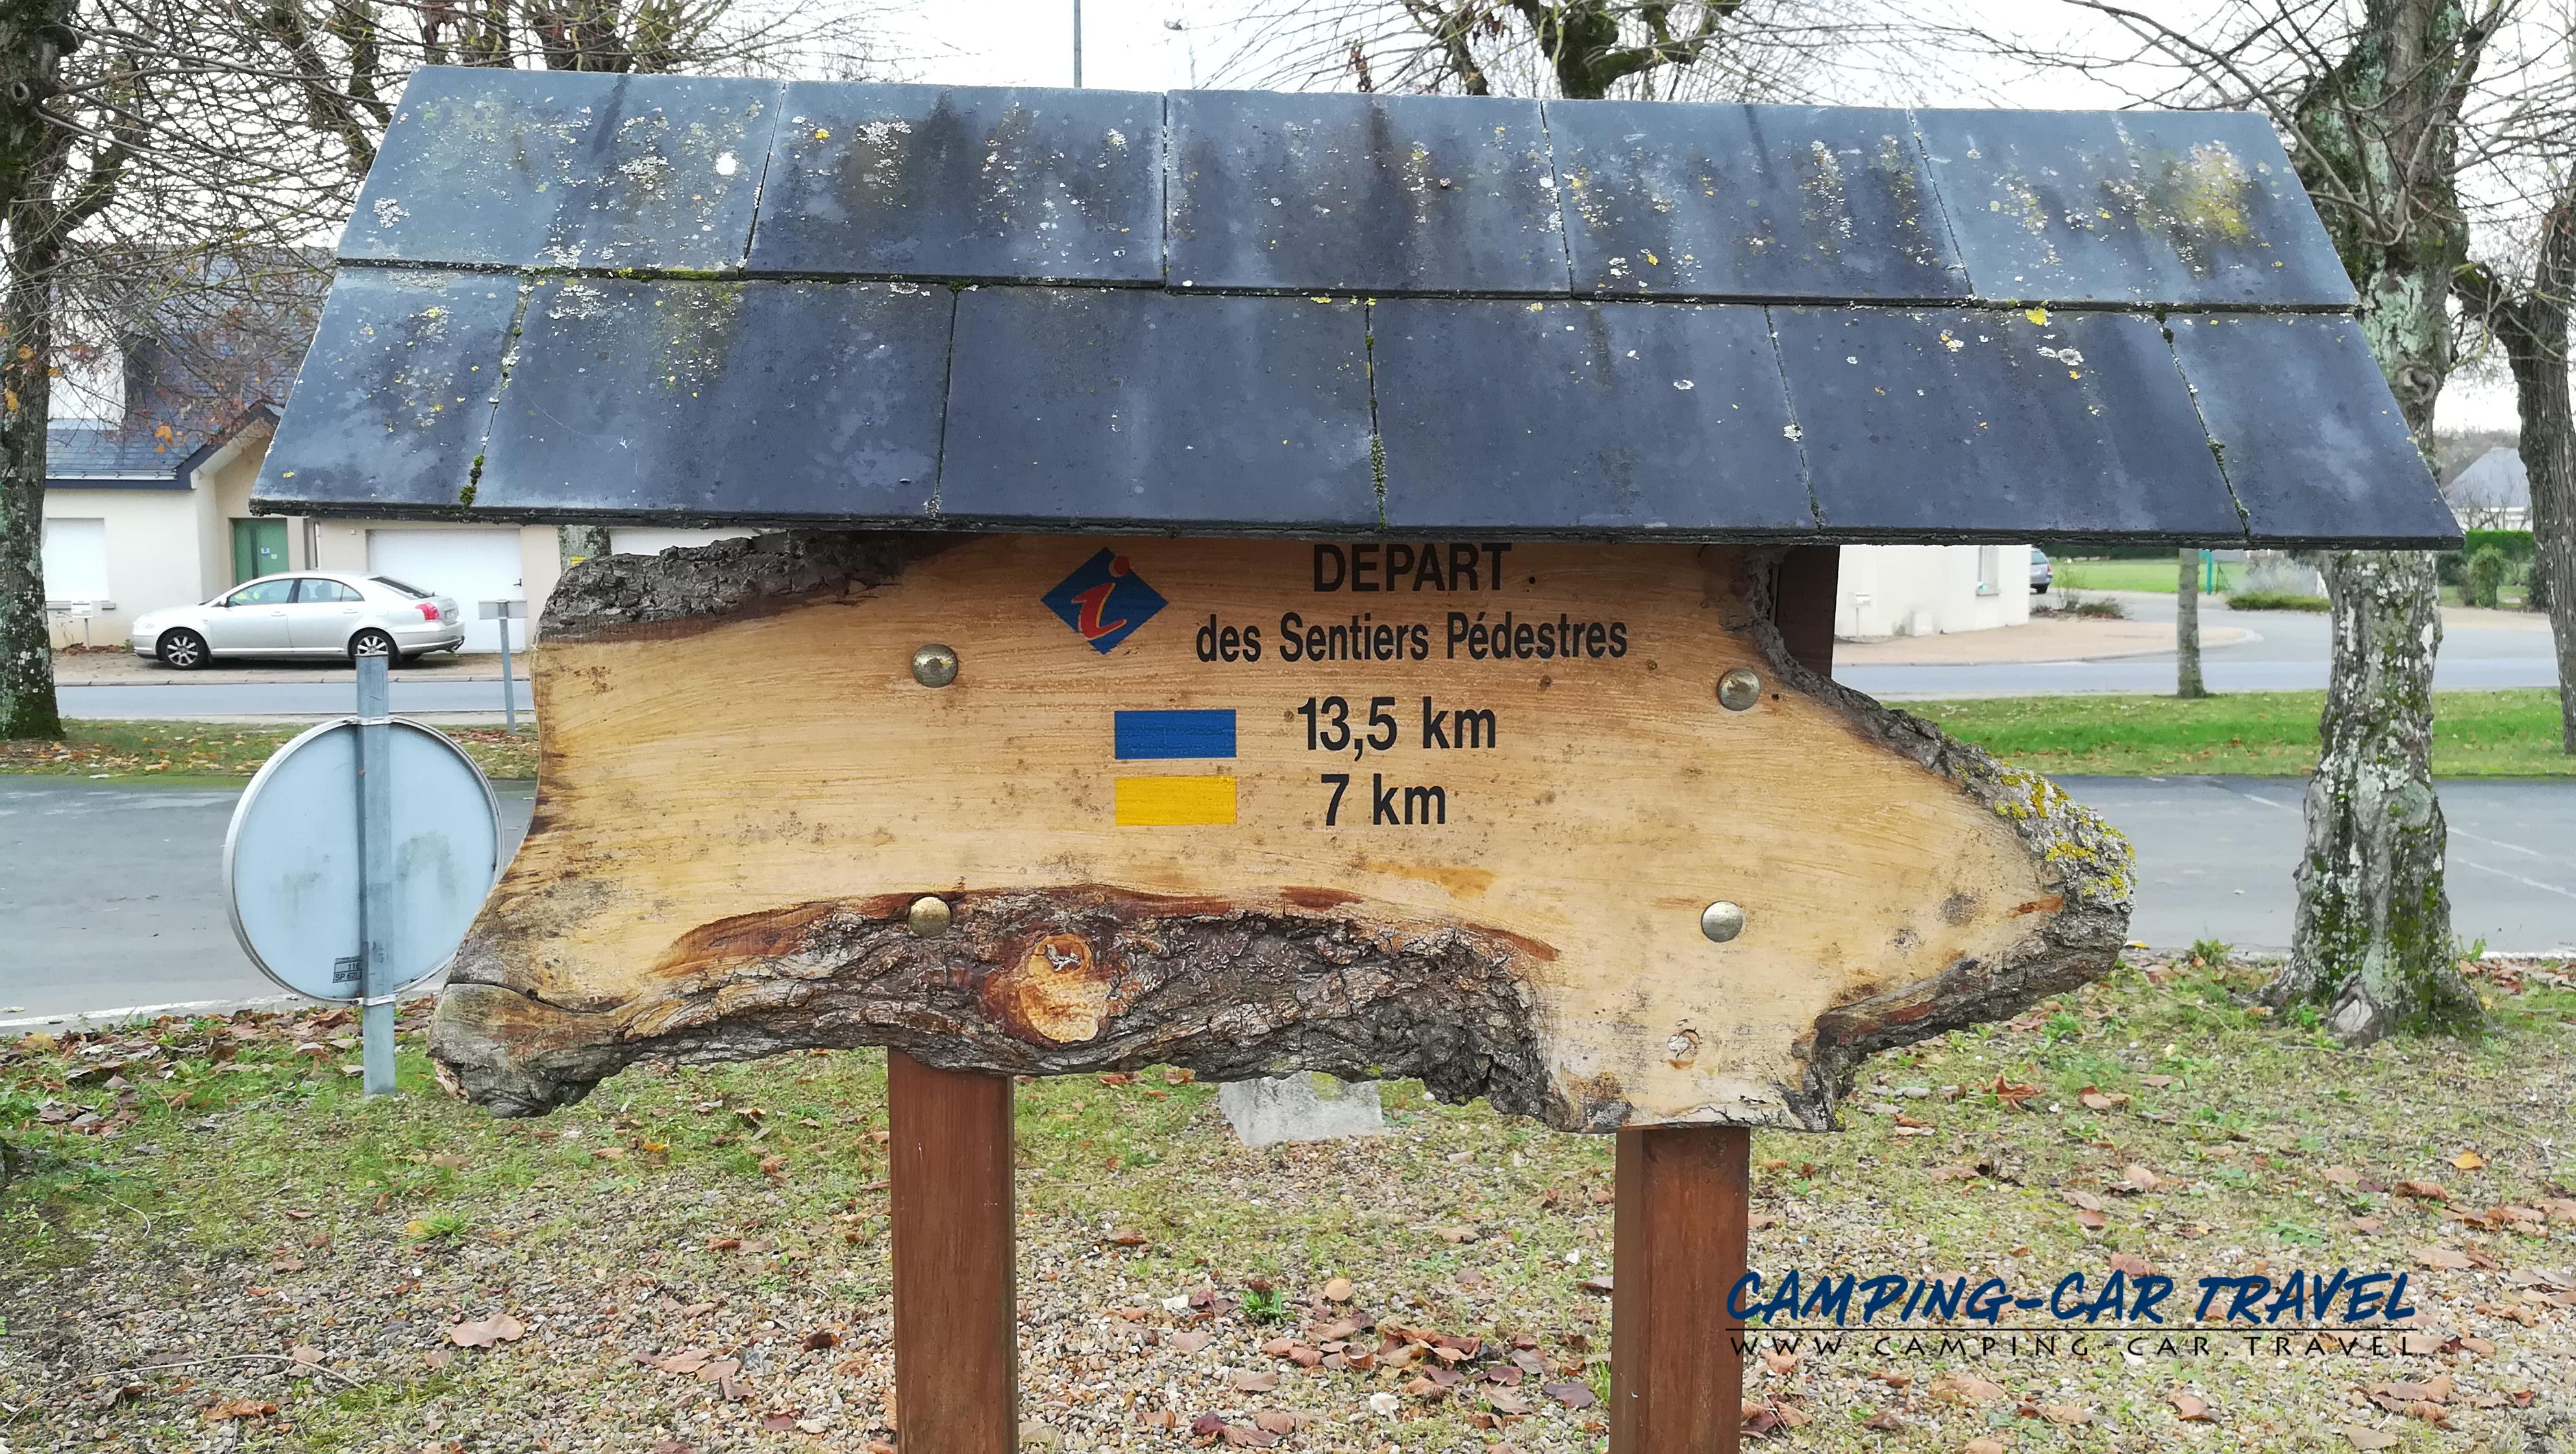 aire services camping car Noyant Maine-et-Loire Pays-de-la-Loire